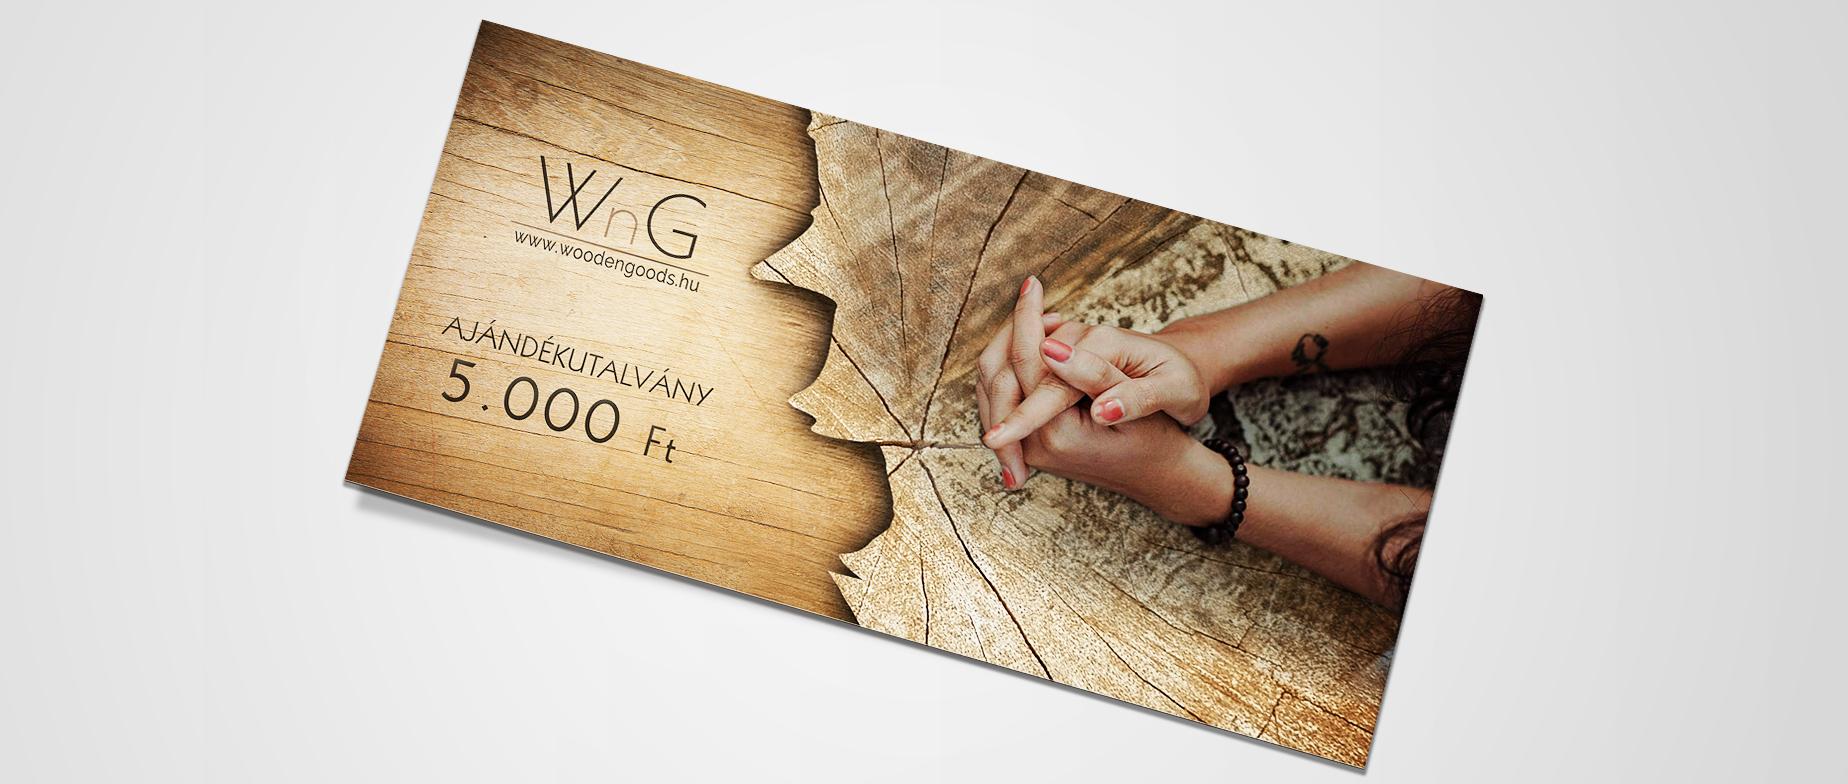 WoodenGoods ajándékutalvány